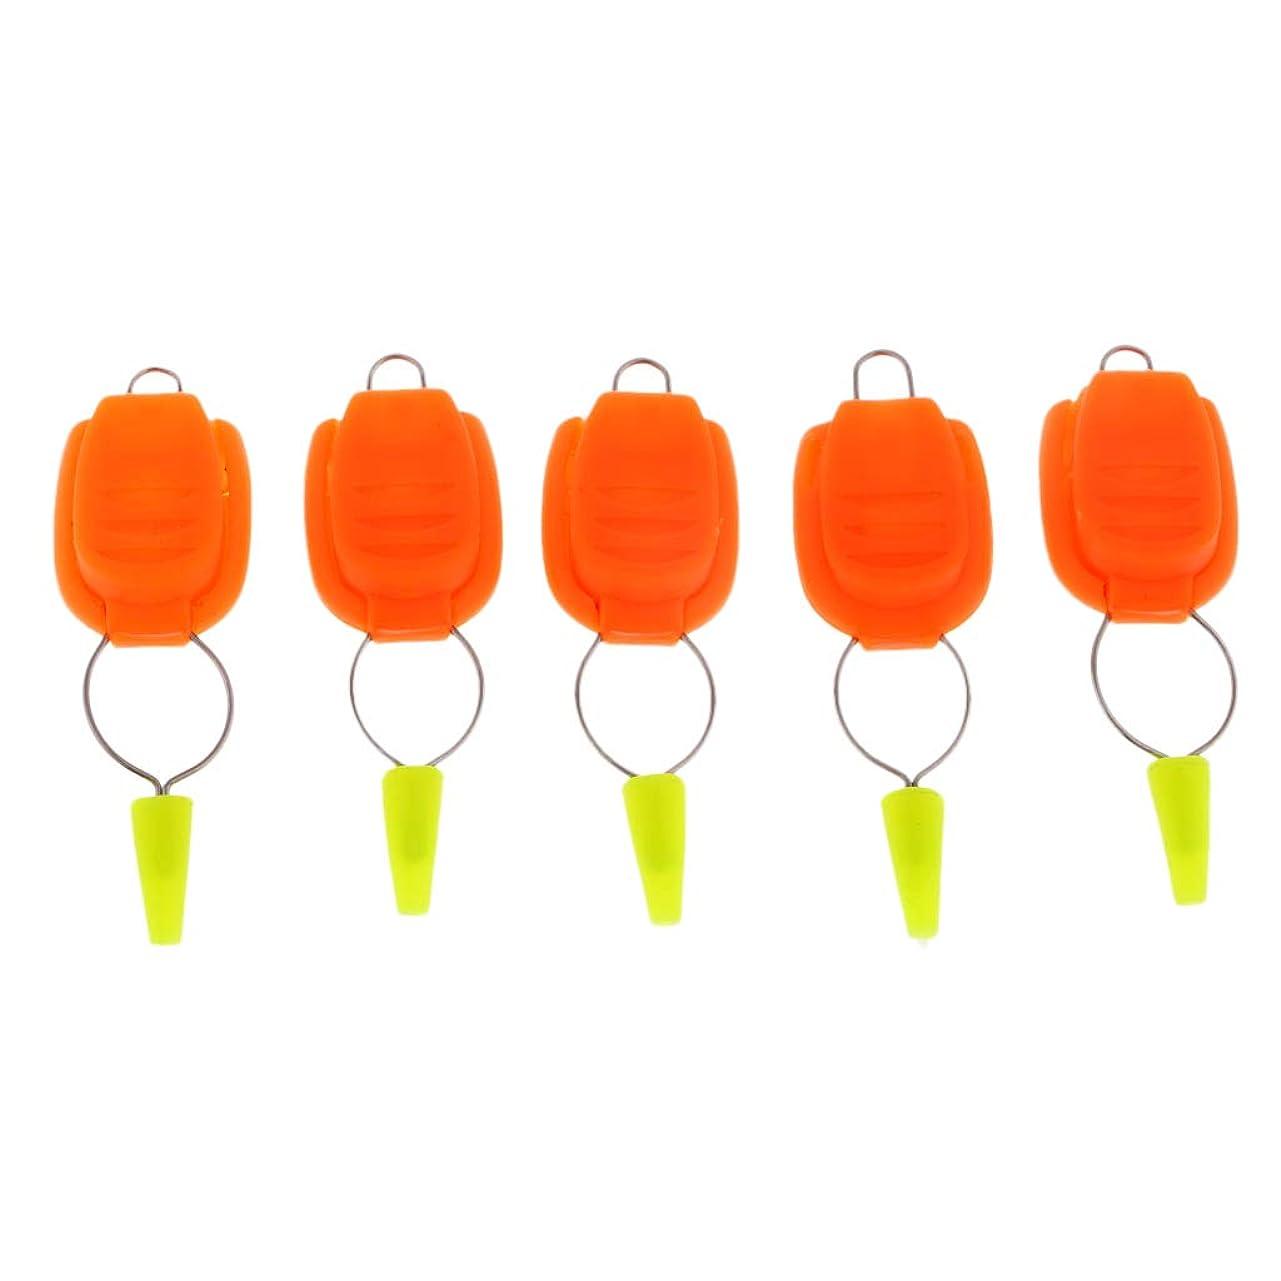 魅力的であることへのアピール光沢のある観点Sharplace ラインストッパー 5ピース 釣り糸用 全5カラー